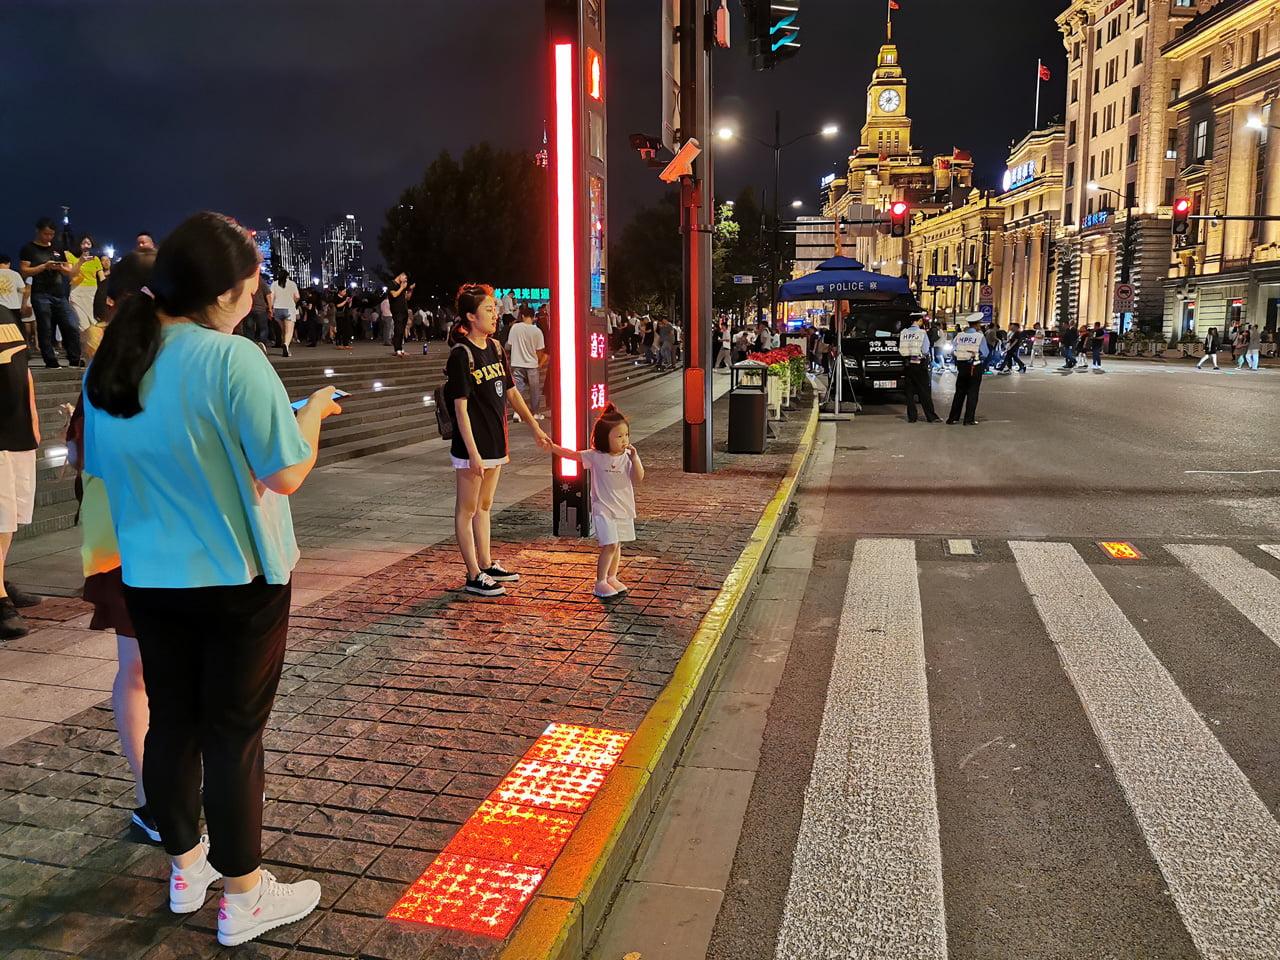 Chytrý a sledující přechod pro chodce v Šanghaji v Číně